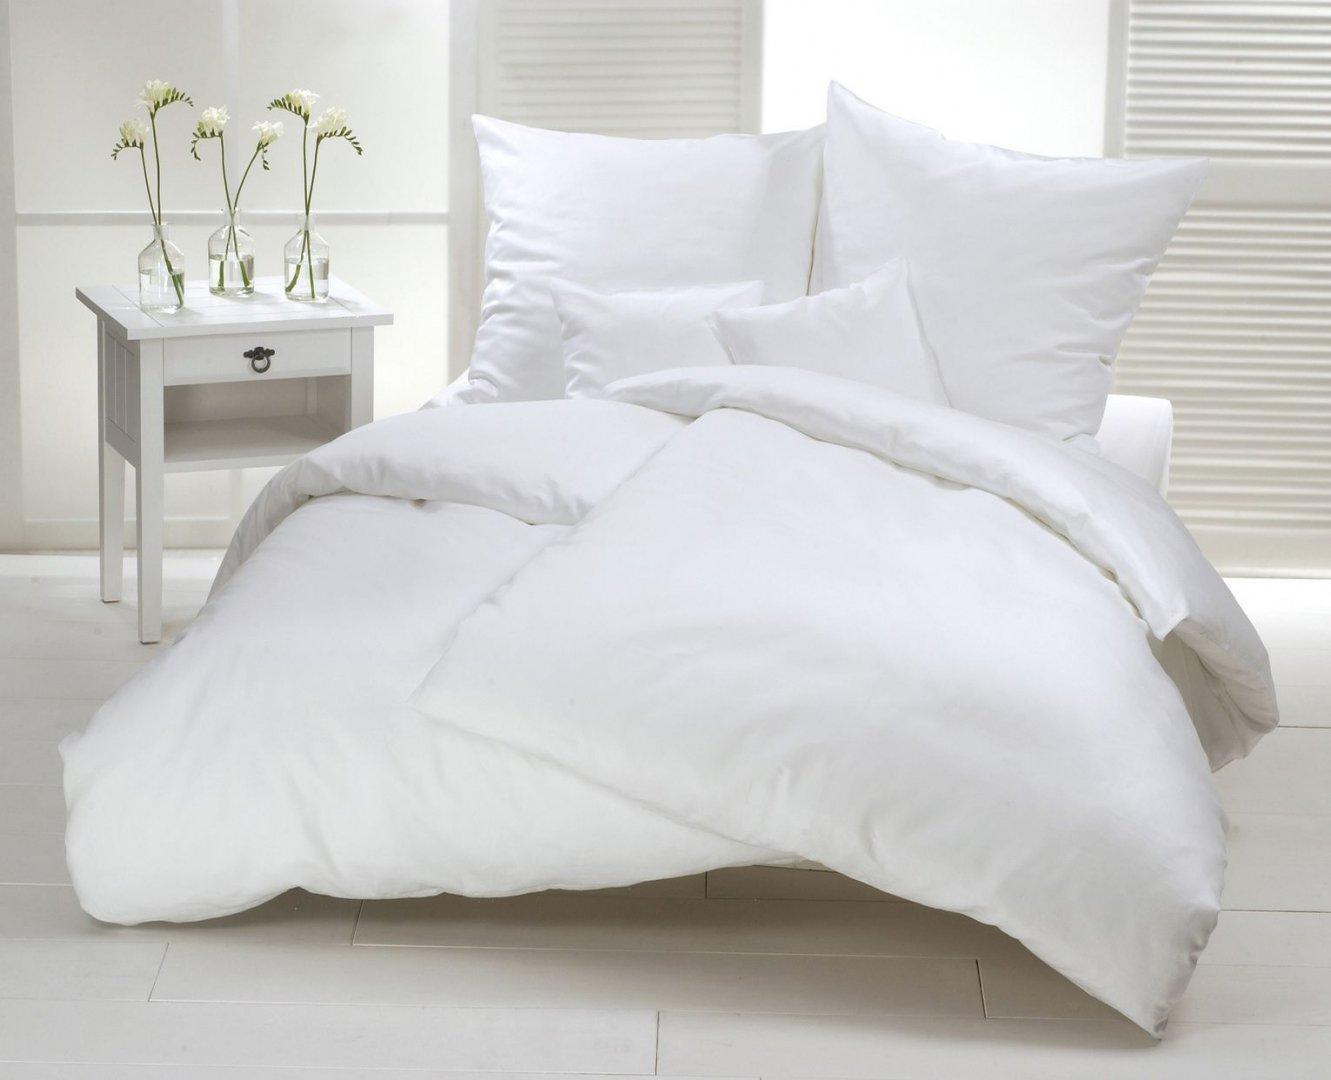 housse de couette percale housses de couette la chambre la. Black Bedroom Furniture Sets. Home Design Ideas